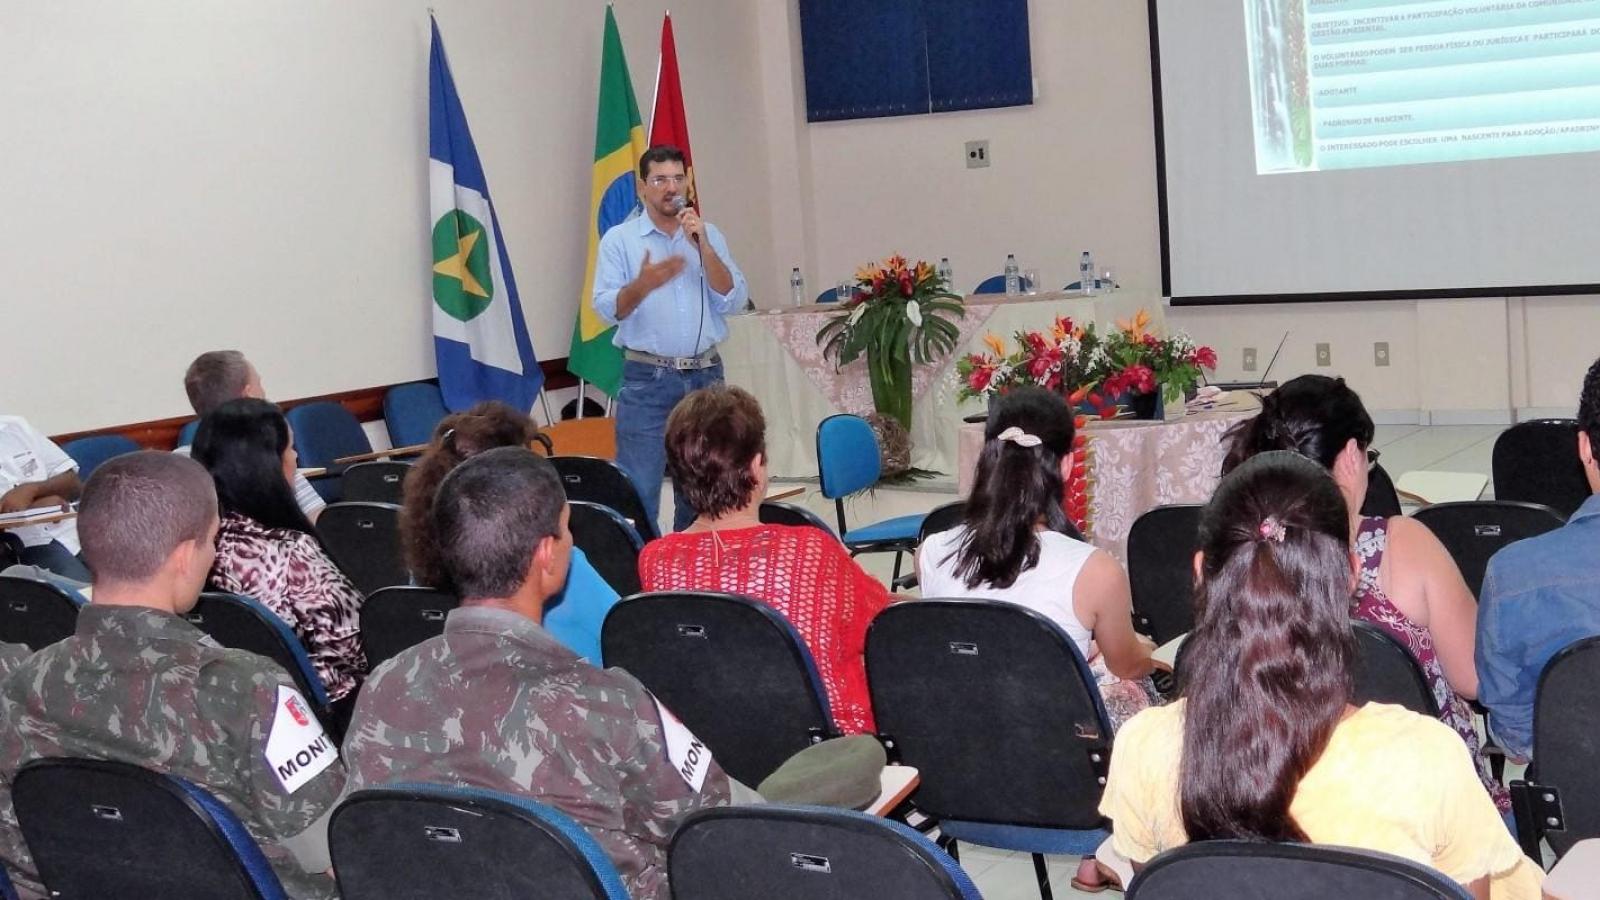 Semana do Meio Ambiente: CHTP apoia 2ª fase do Programa Adote uma Nascente em Alta Floresta